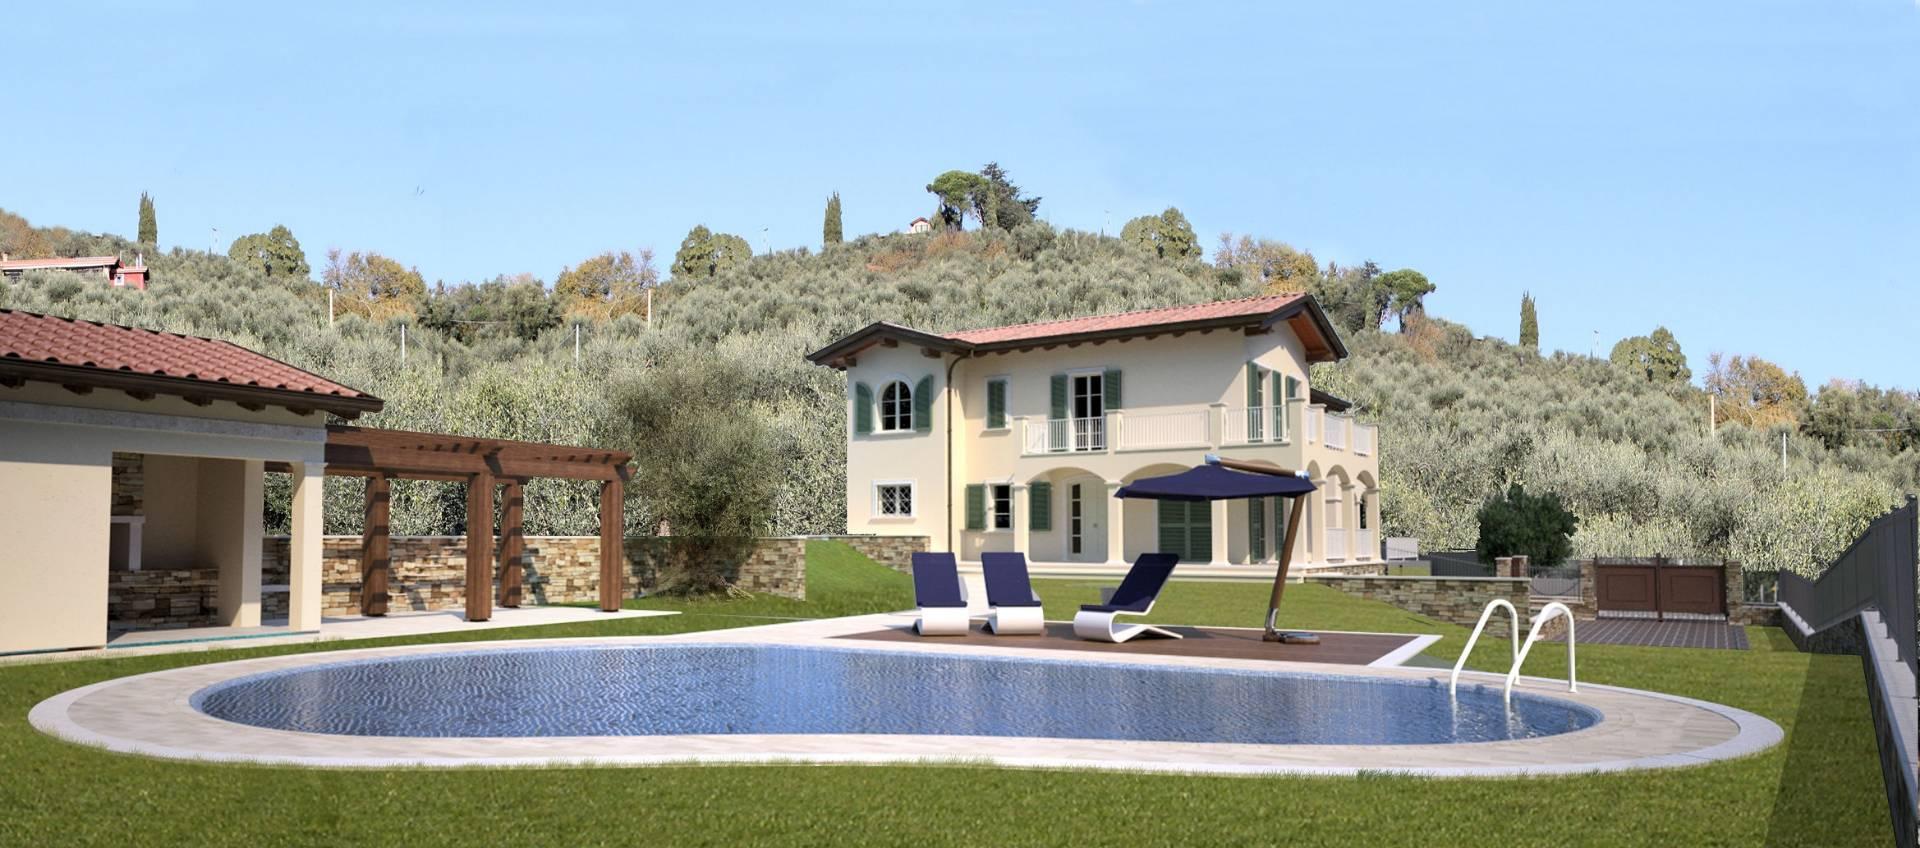 Villa in vendita a Massarosa, 9 locali, zona Zona: Bargecchia, prezzo € 1.200.000 | CambioCasa.it